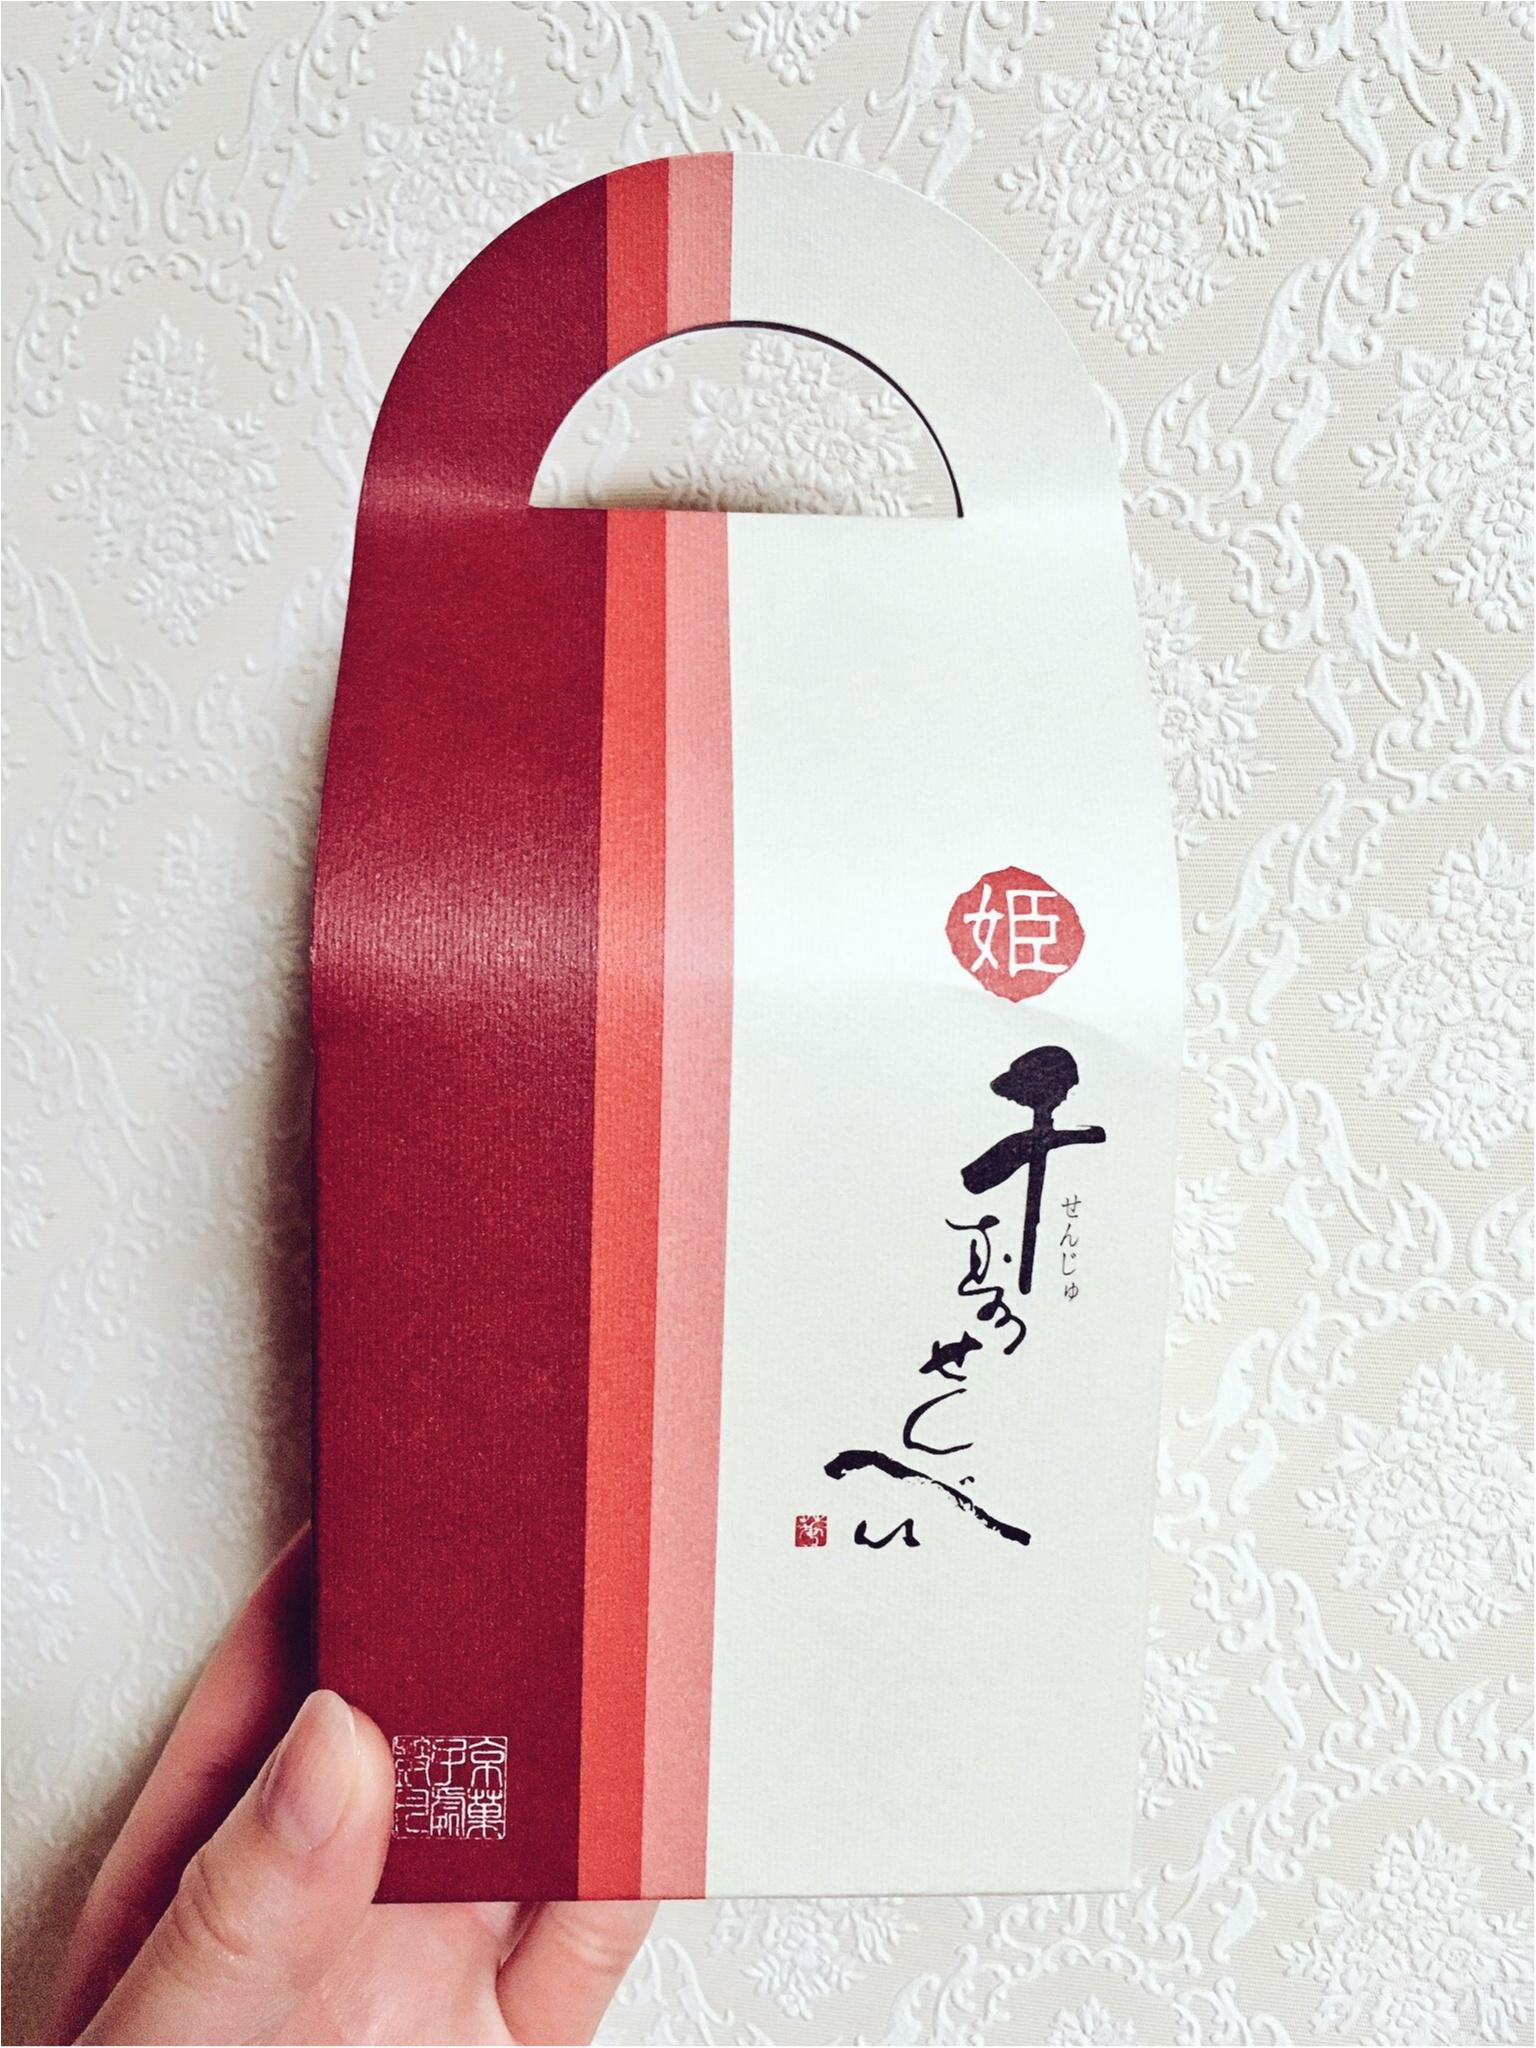 『姫千寿せんべい』!?かわいさとおいしさがぎゅっと詰まったスモールサイズの定番お菓子が気になる♡_3